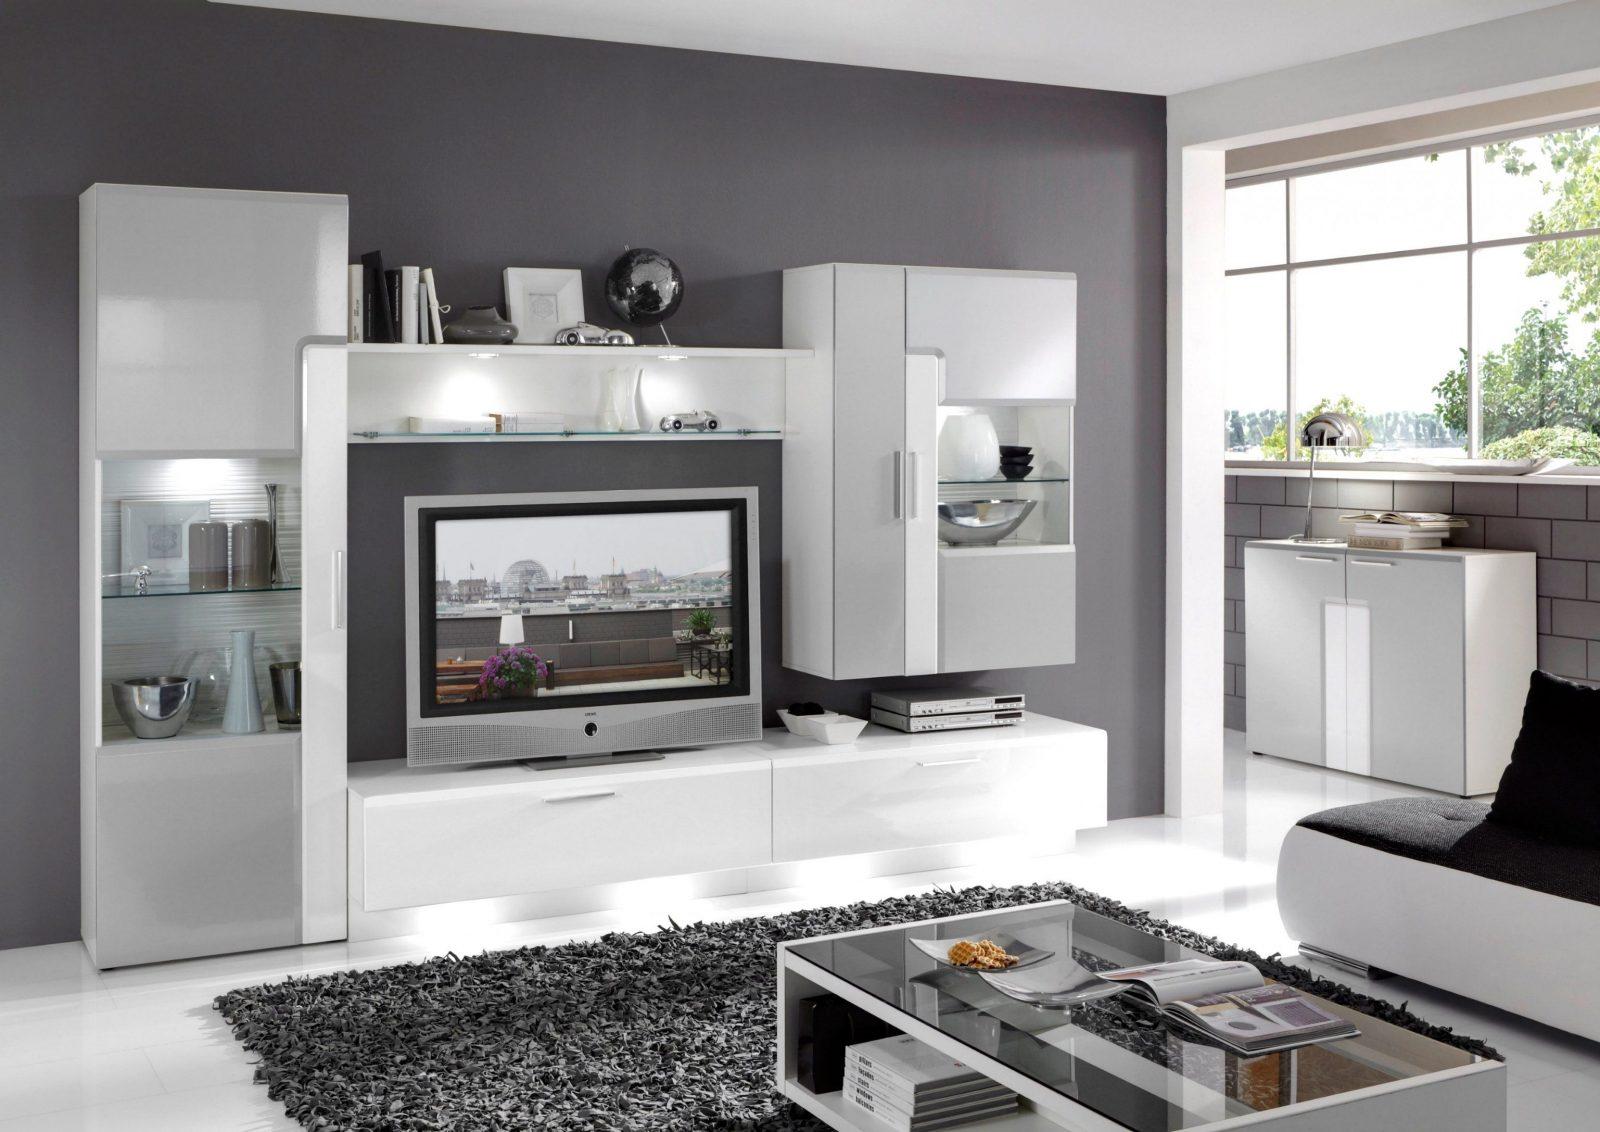 Einzigartig Wohnzimmer Weiß Grau  Kpelavrio von Wohnzimmer Grau Weiß Streichen Bild